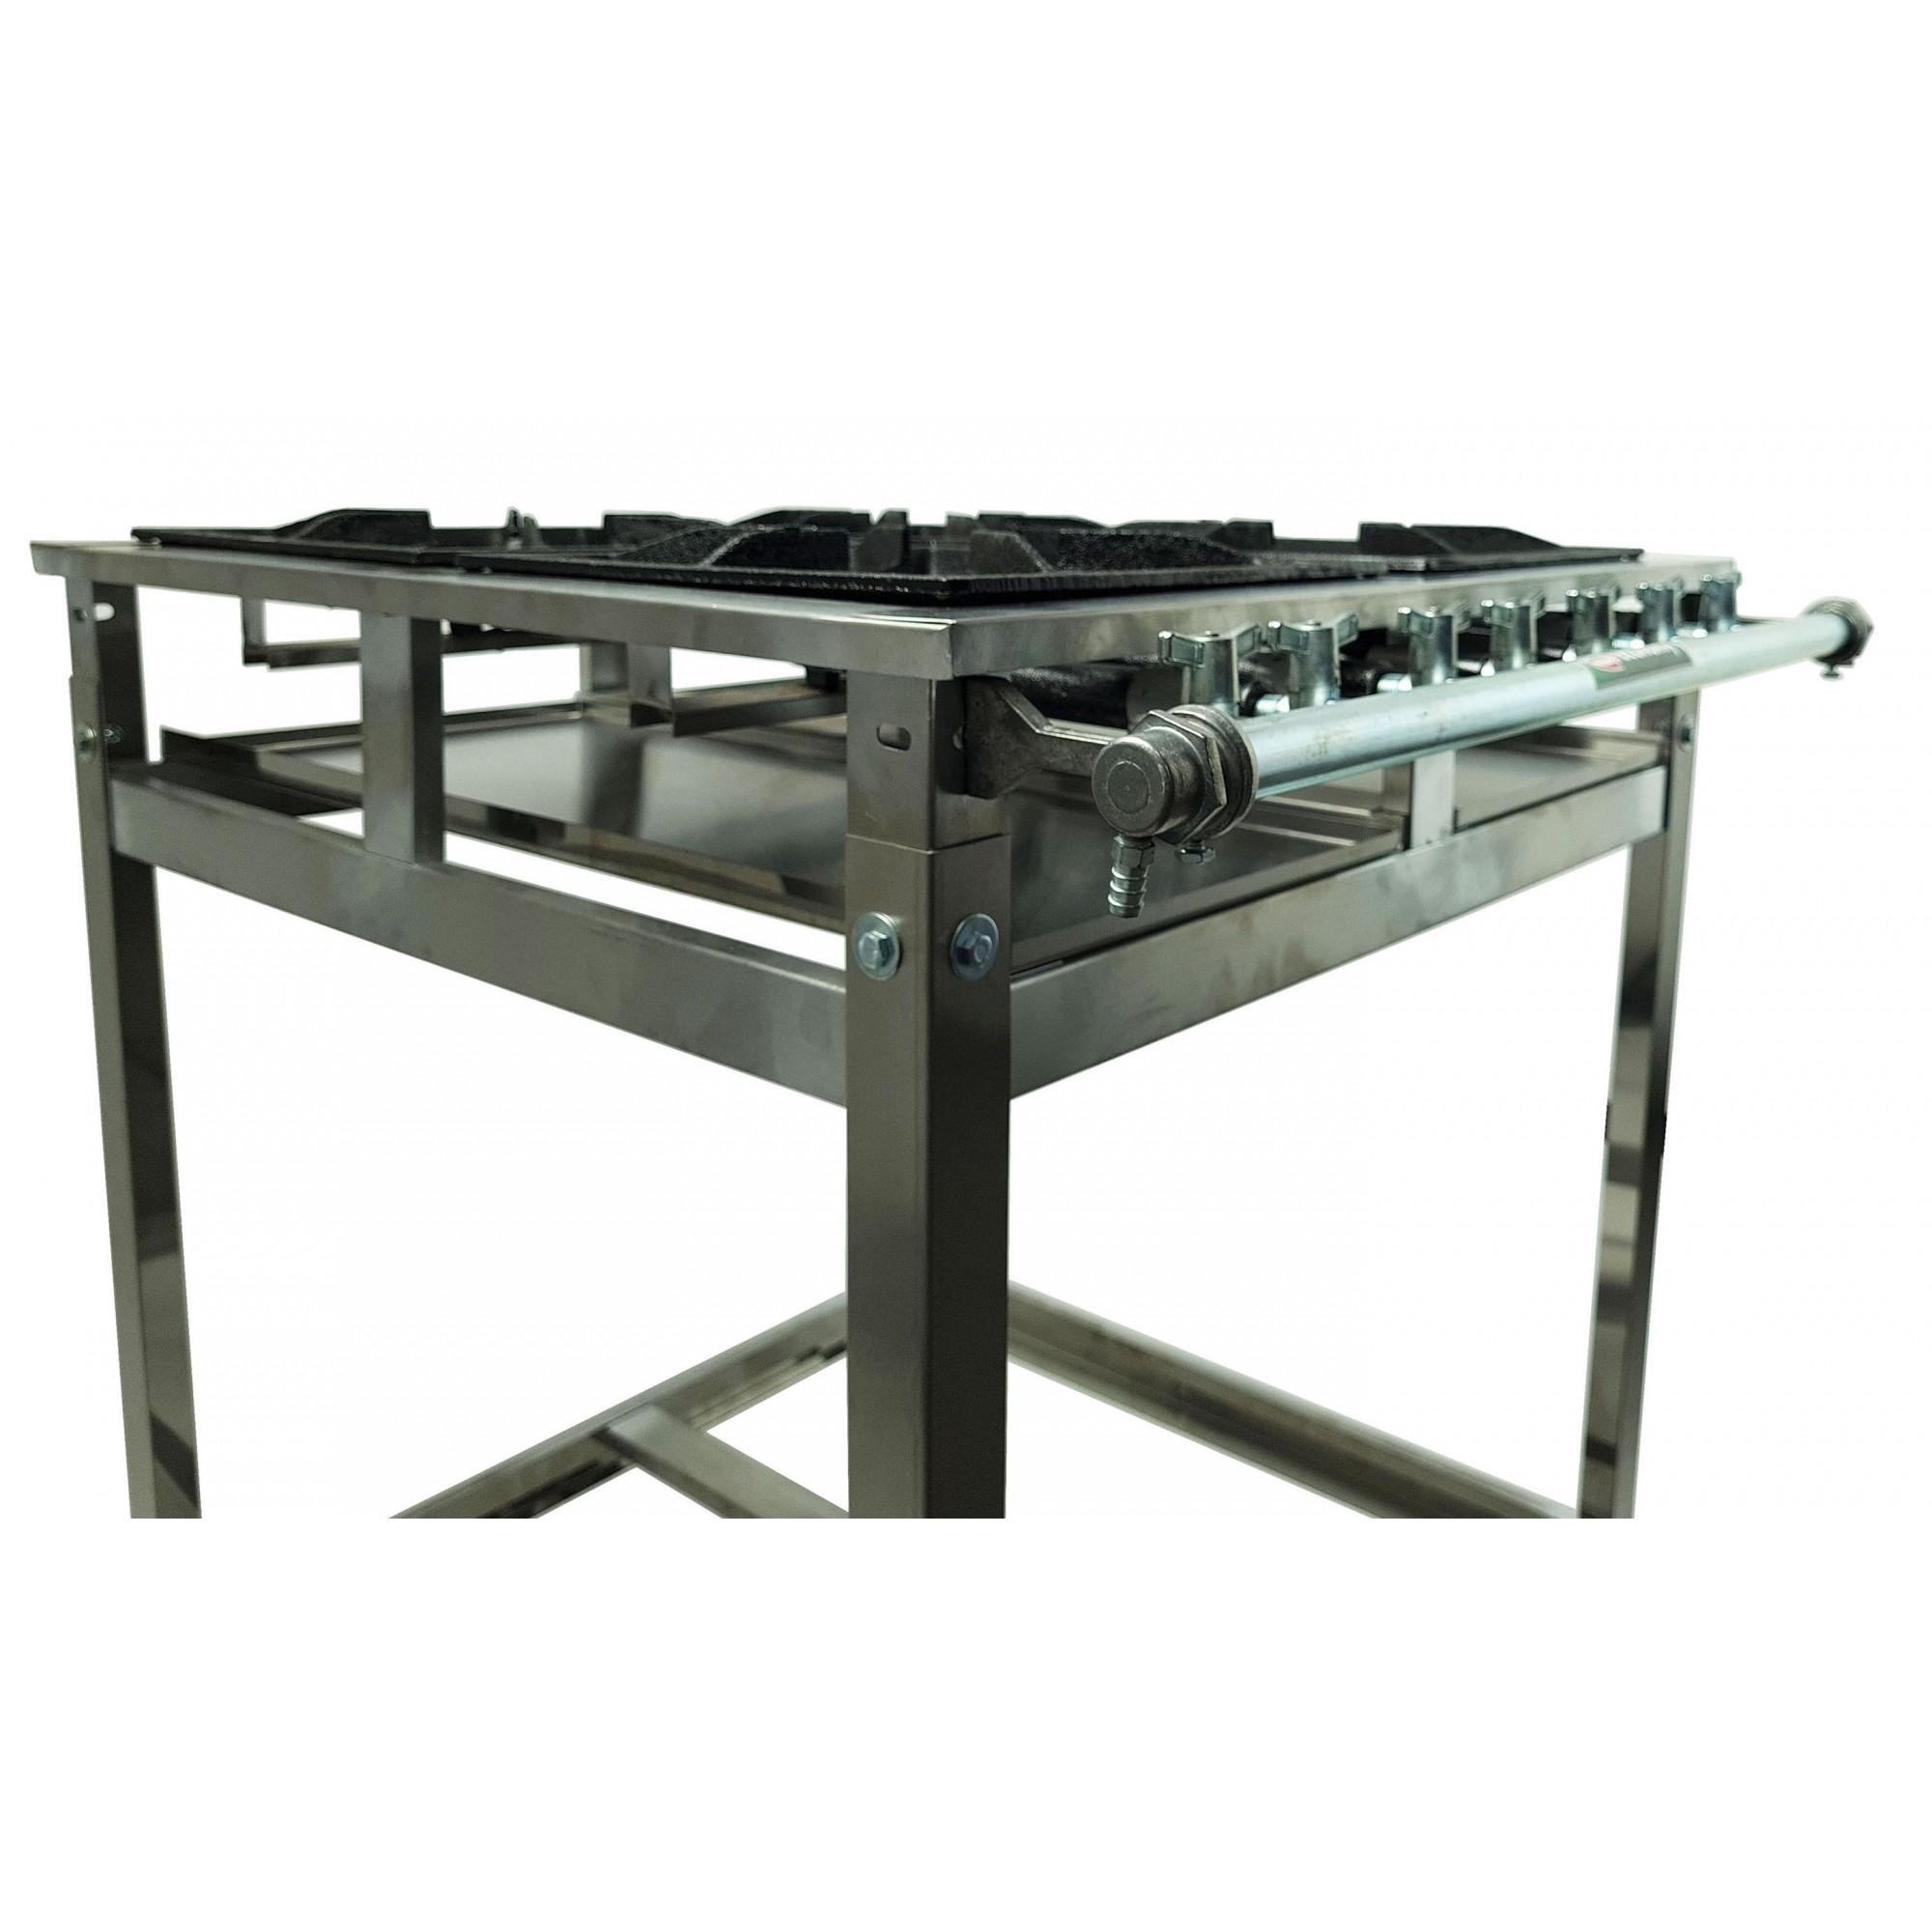 FOGAO INOX 4 BOCAS 30X30CM  - EKENOX- Equipamentos Industriais